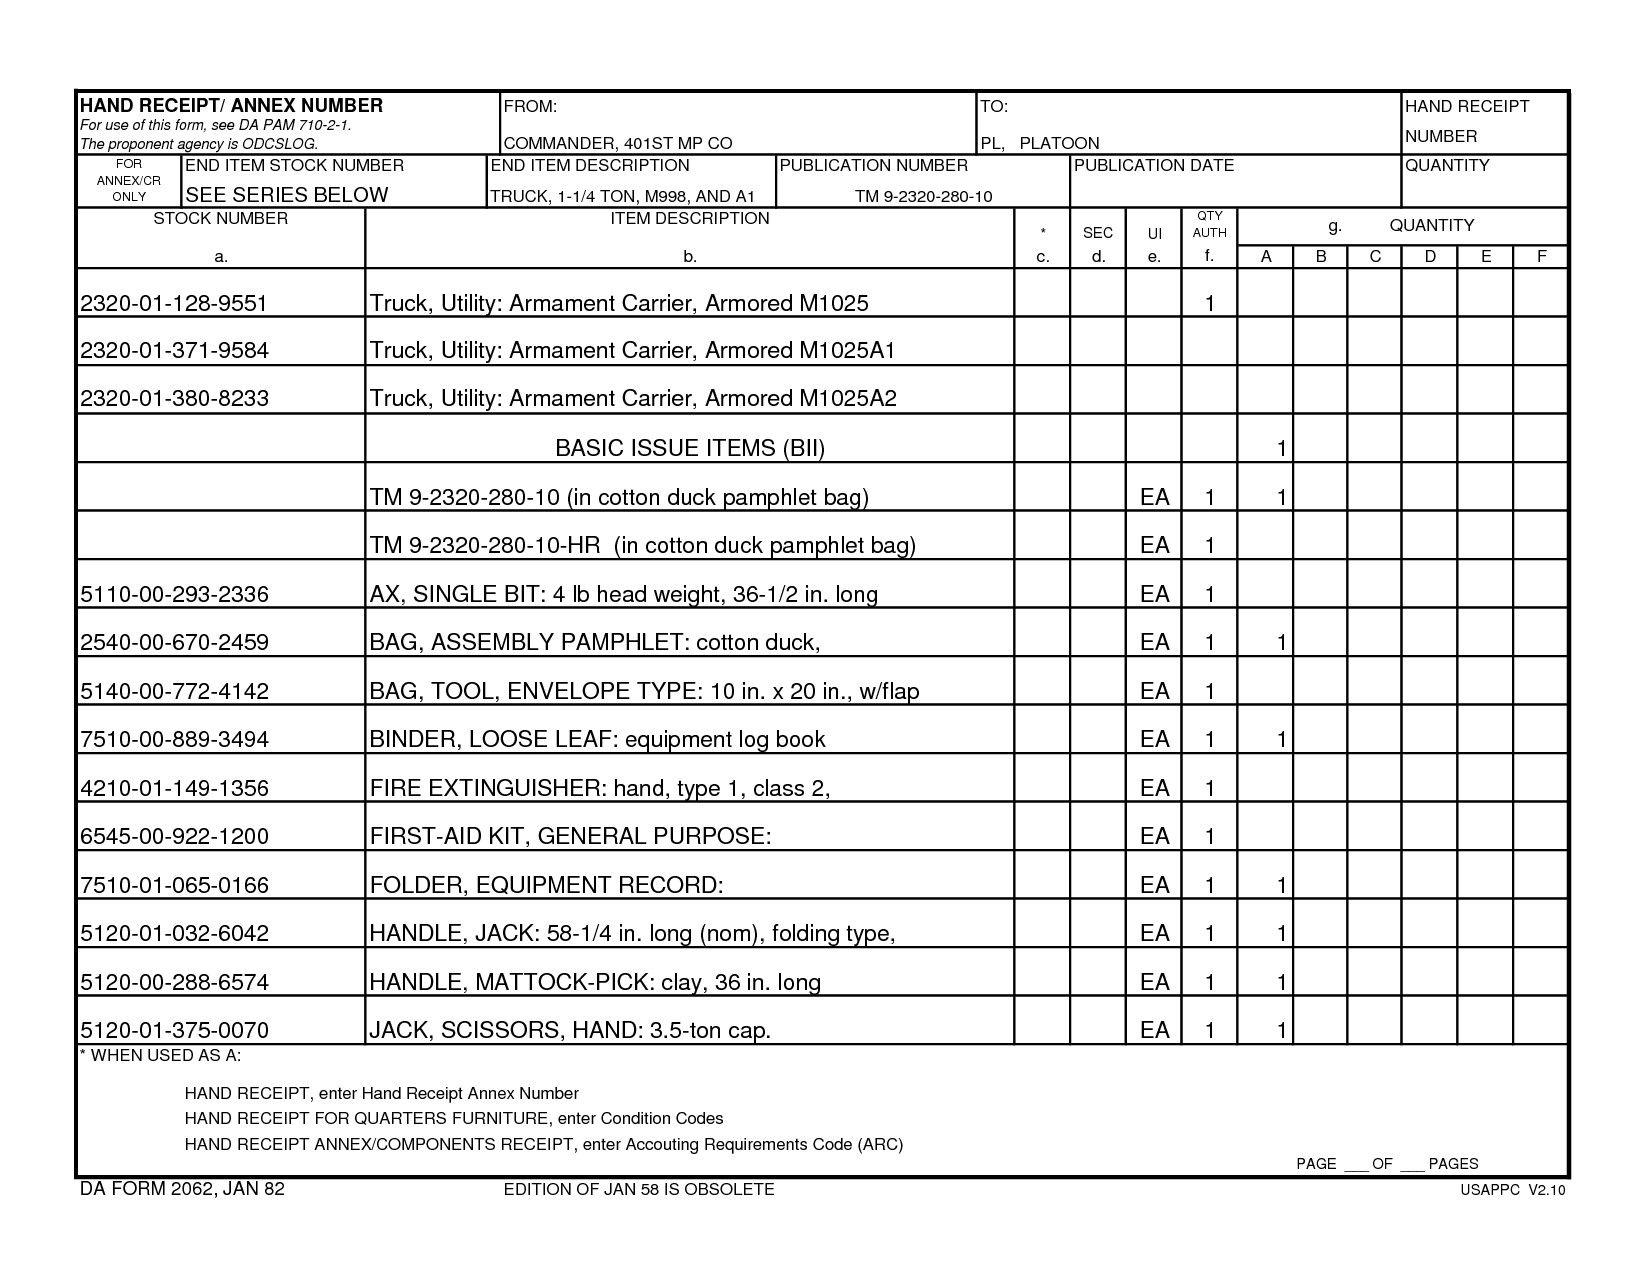 Da Form 3161 Fillable 2062 Hand Receipt Pdf Cover Sheet Template Balance Sheet Template Statement Template